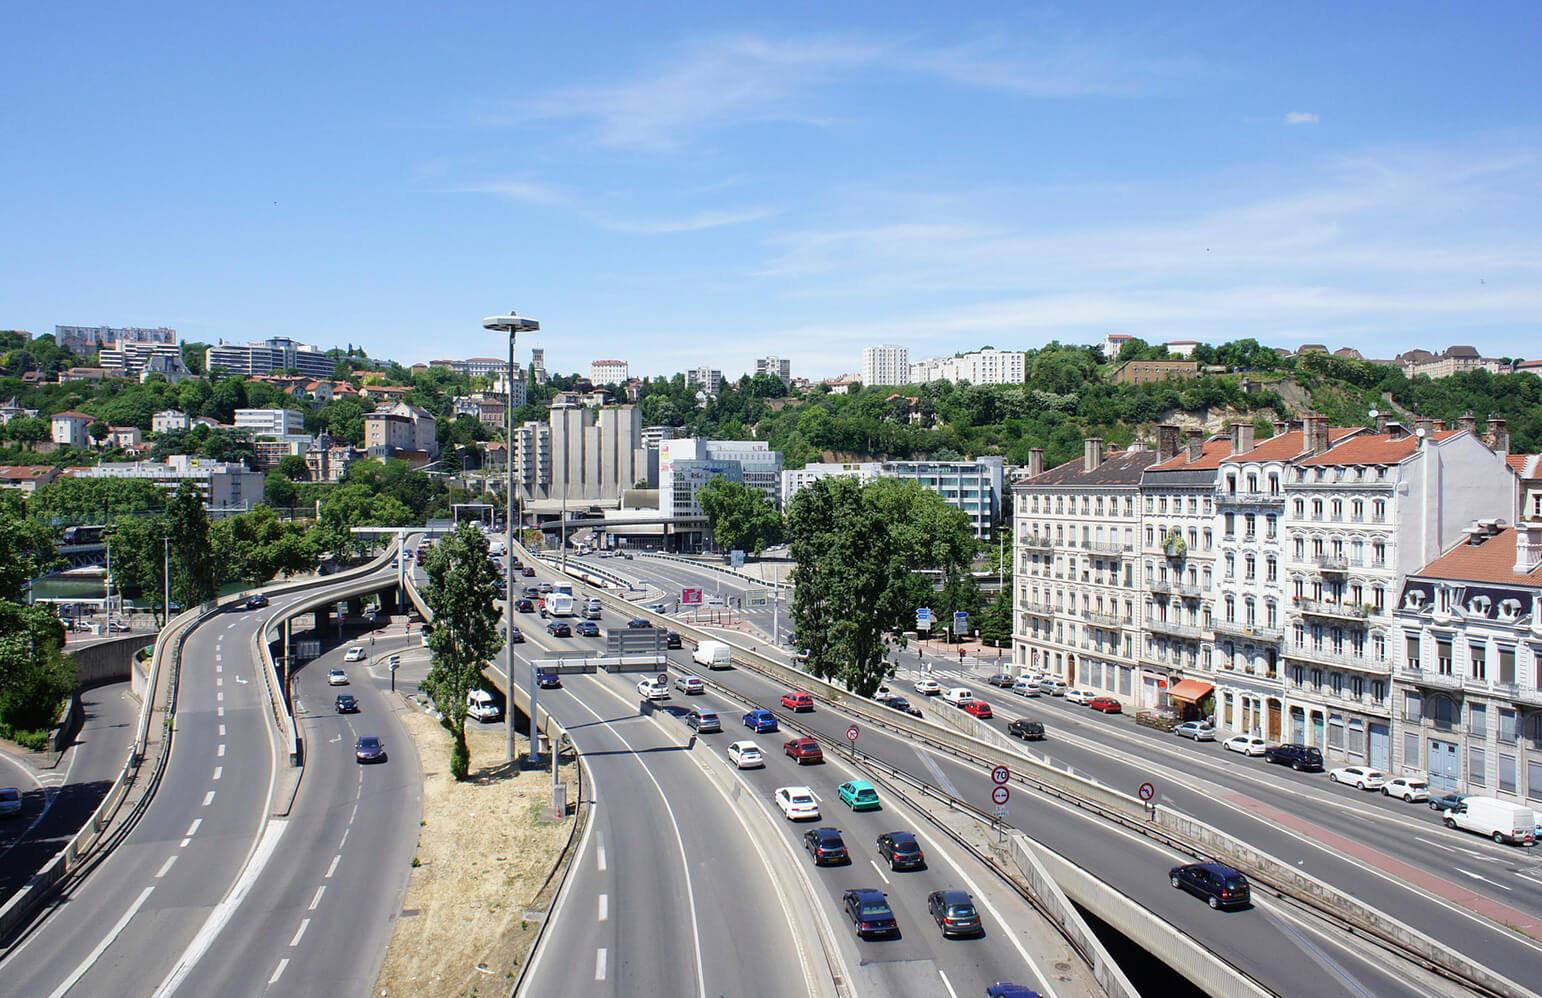 Les transports entre l'aéroport de Lyon et la gare Lyon Part-Dieu